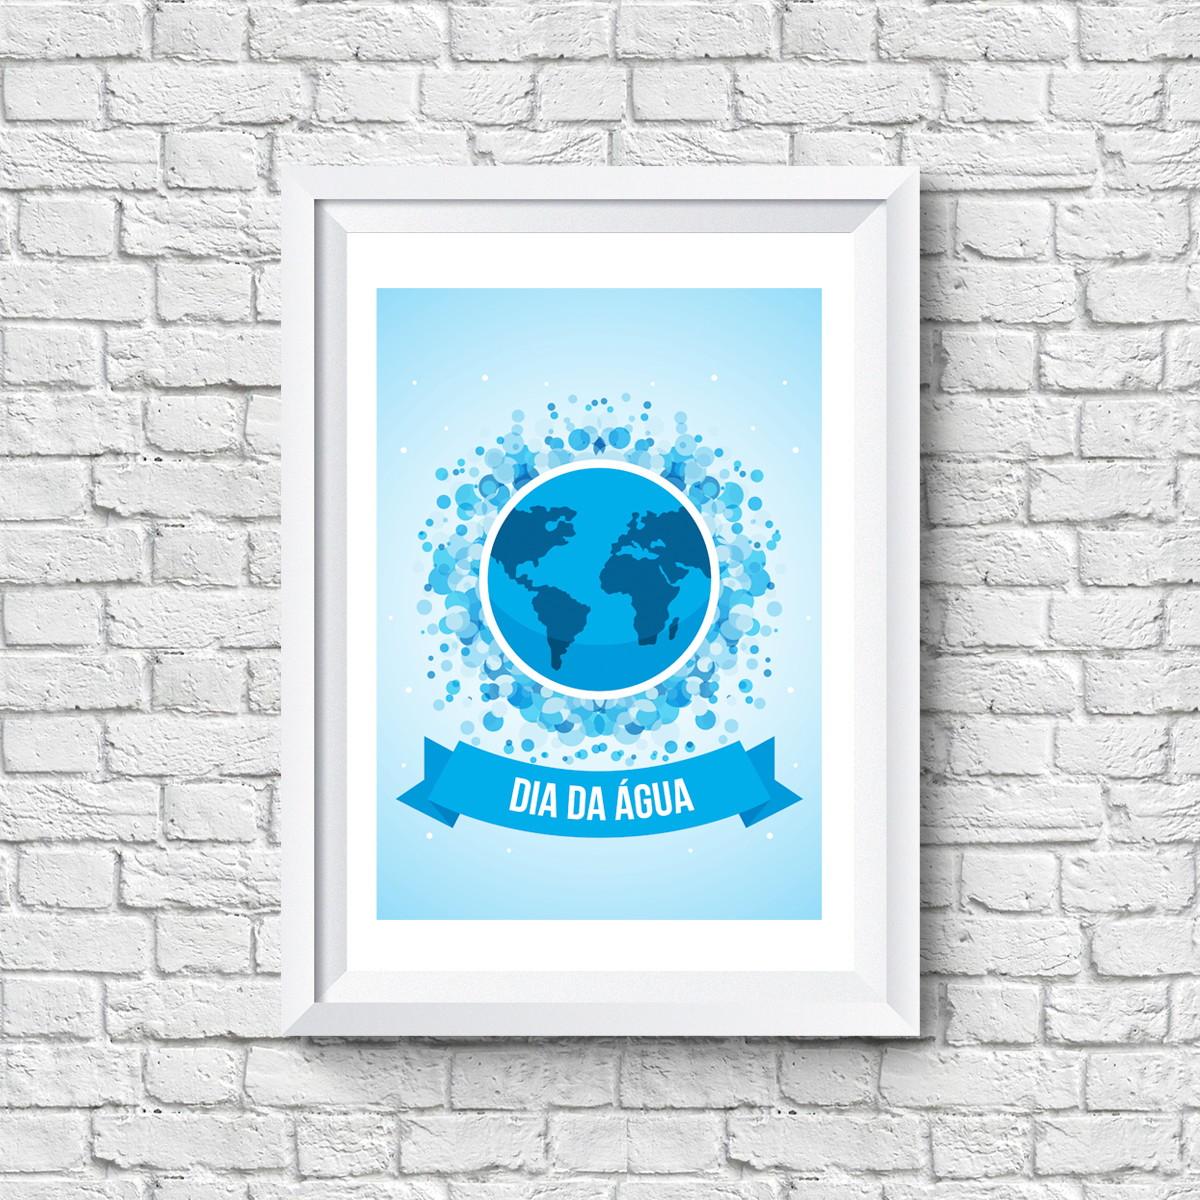 Quadro Do Dia Internacional Da água No Elo7 Quero Quadro 71c985